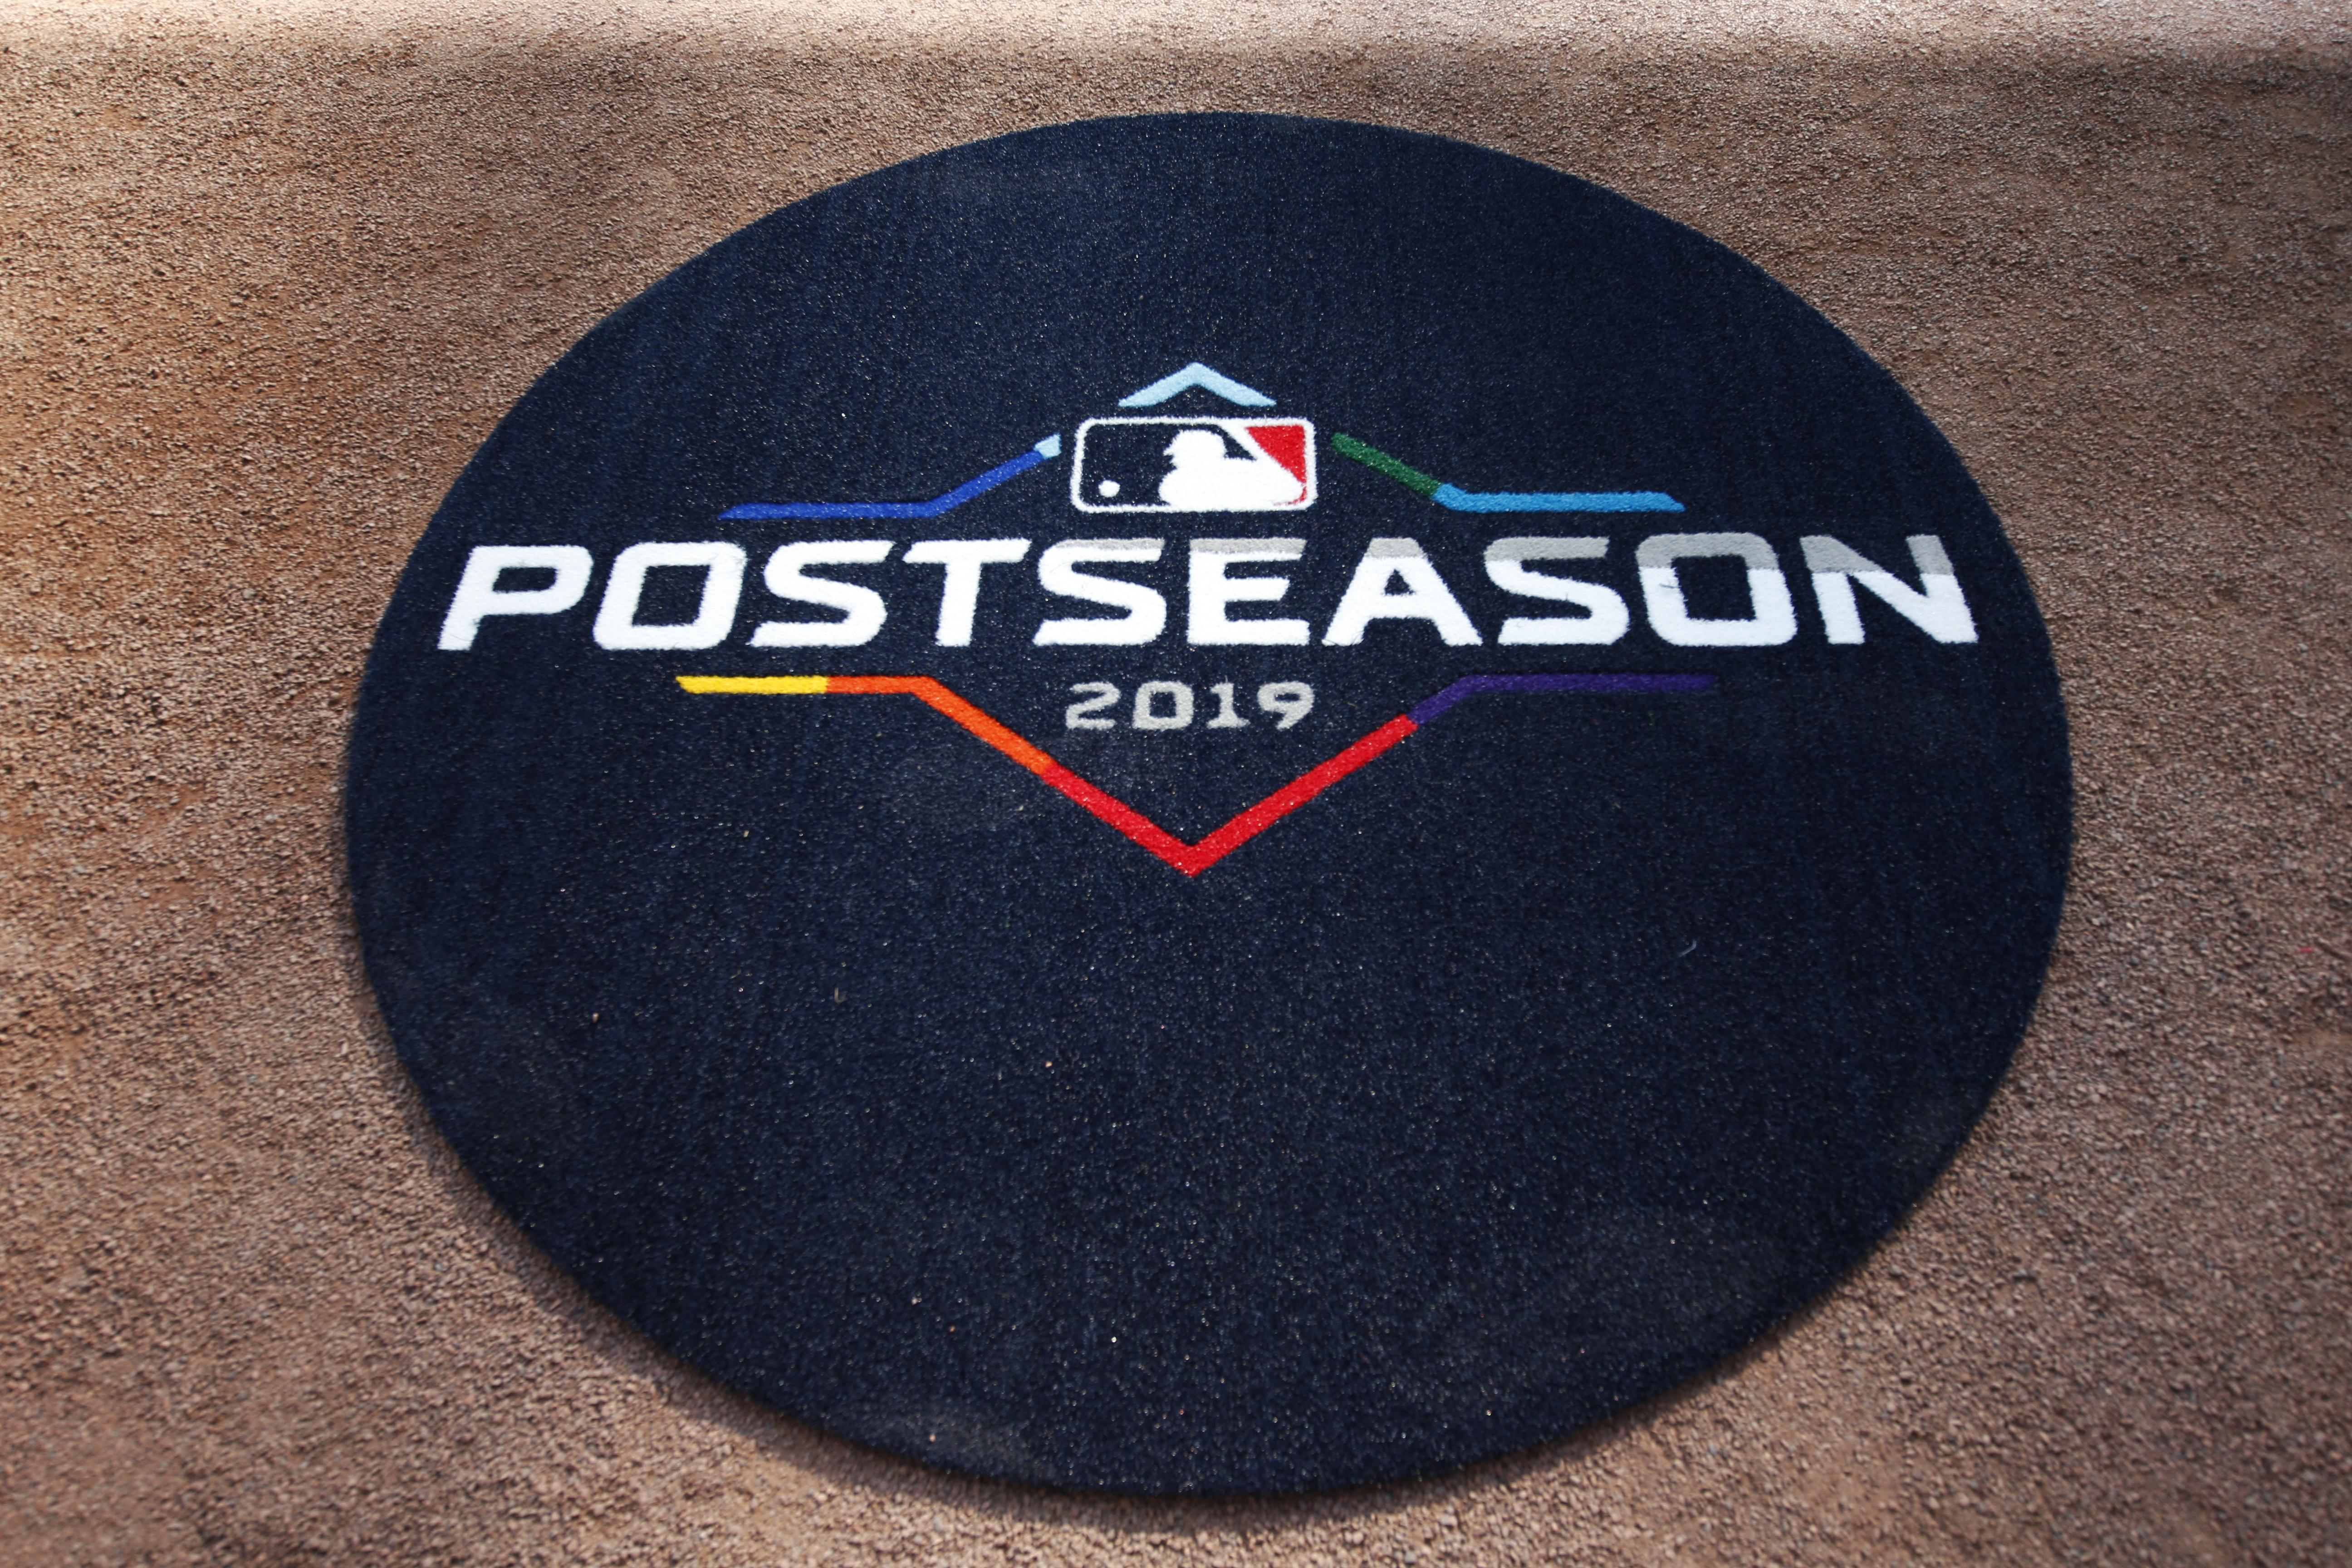 2019 NLDS Game 1 - St. Louis Cardinals v. Atlanta Braves